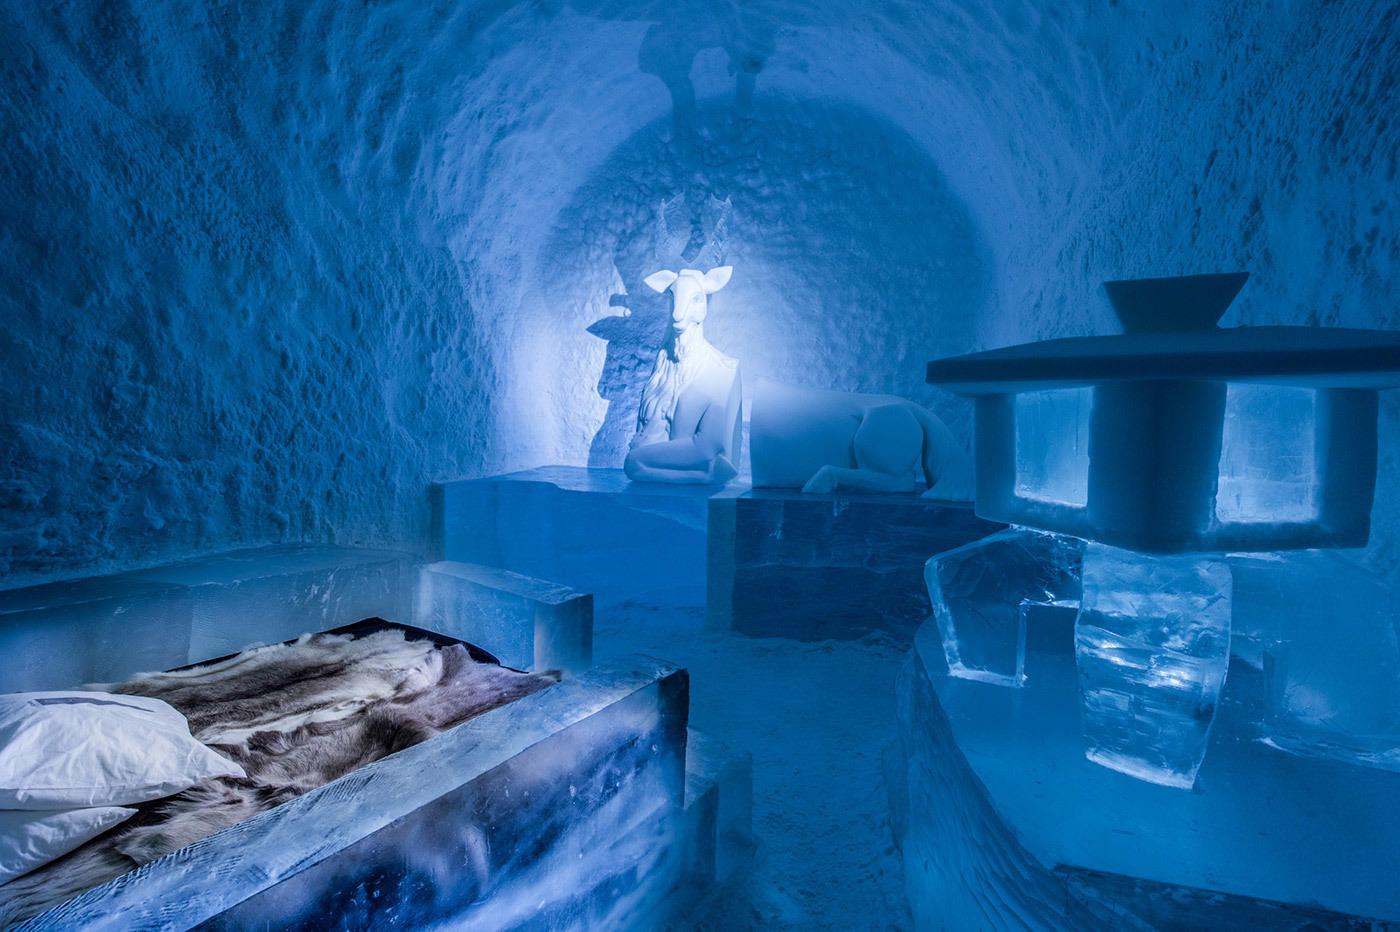 Es ist soweit: Erstes Eishotel öffnet 365 Tage im Jahr seine Türen